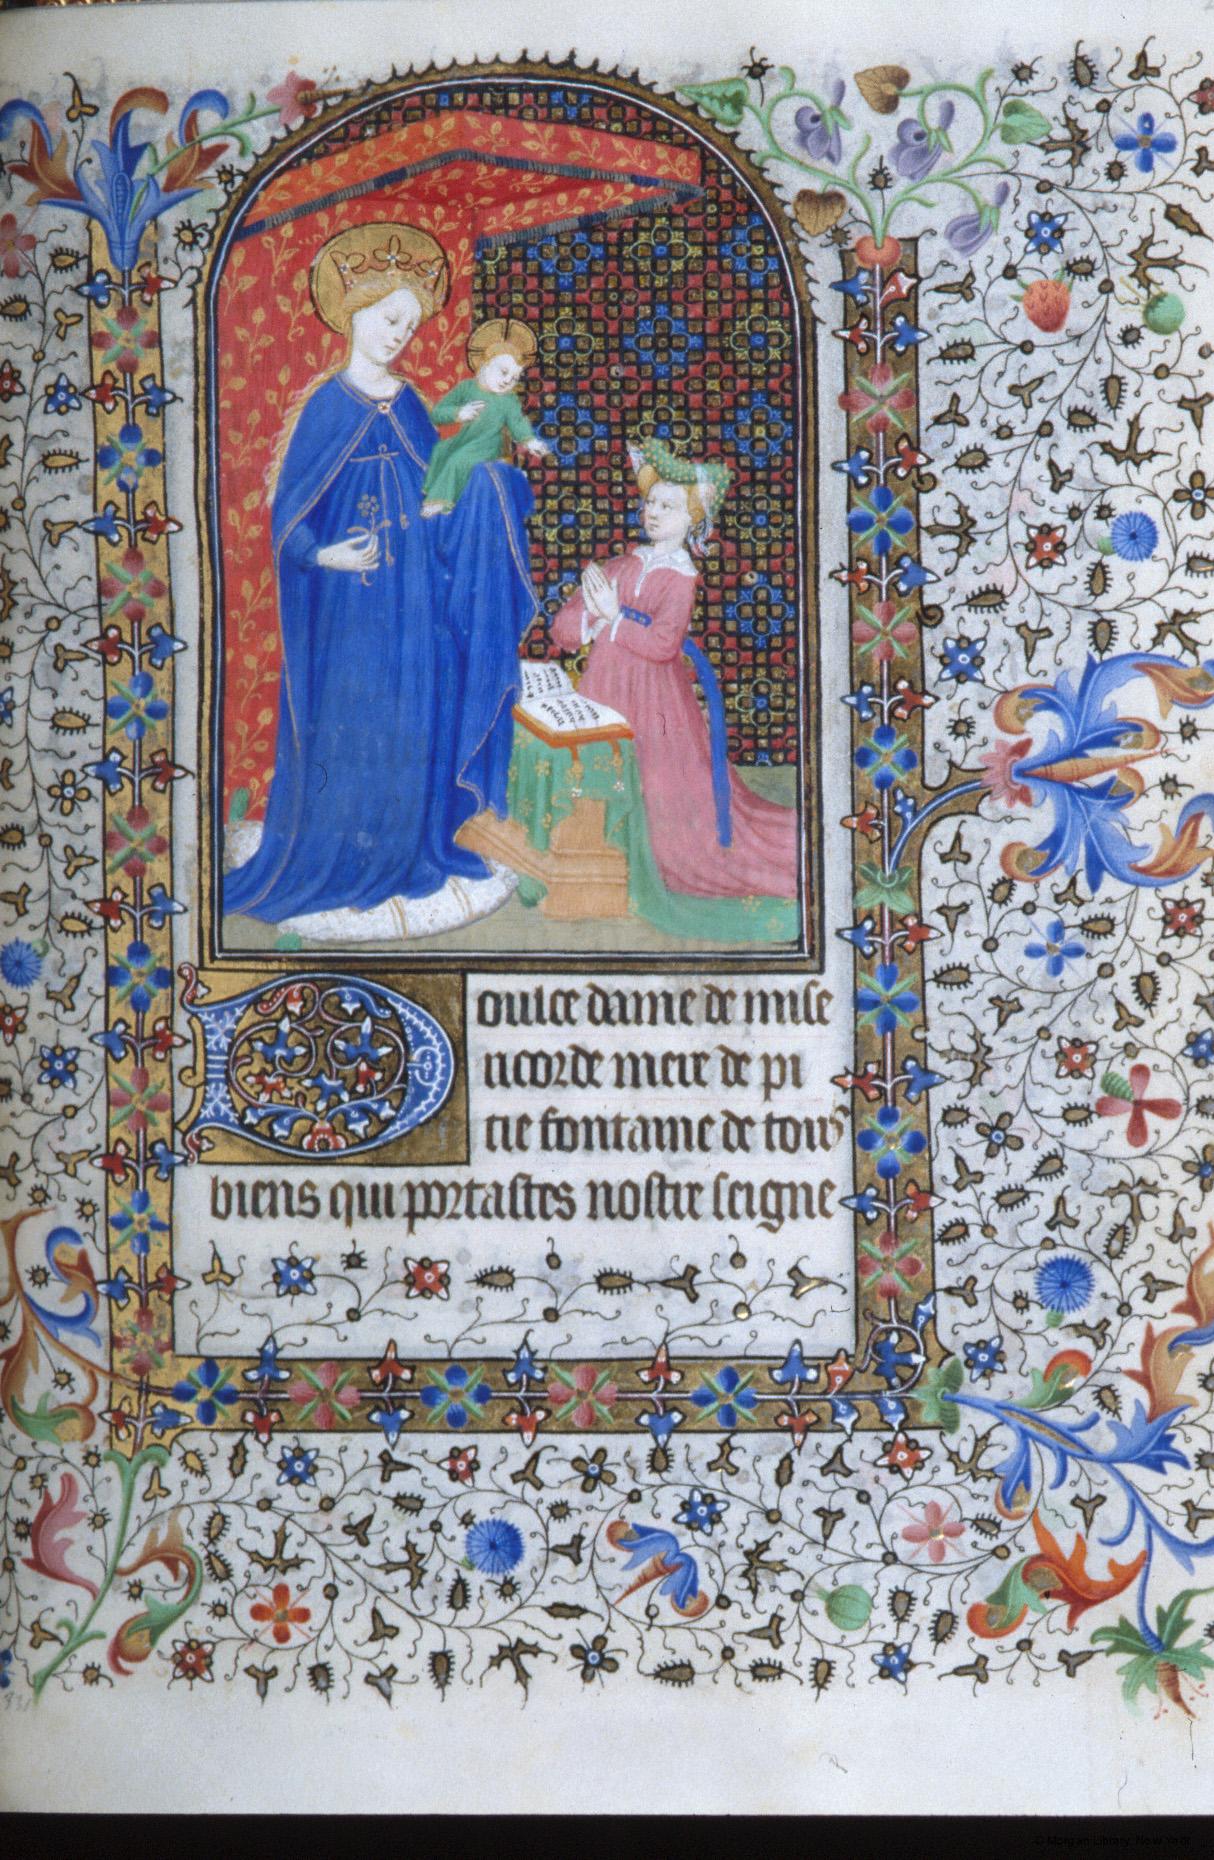 1420 ca Heures France Morgan MS M.1000 fol. 230r